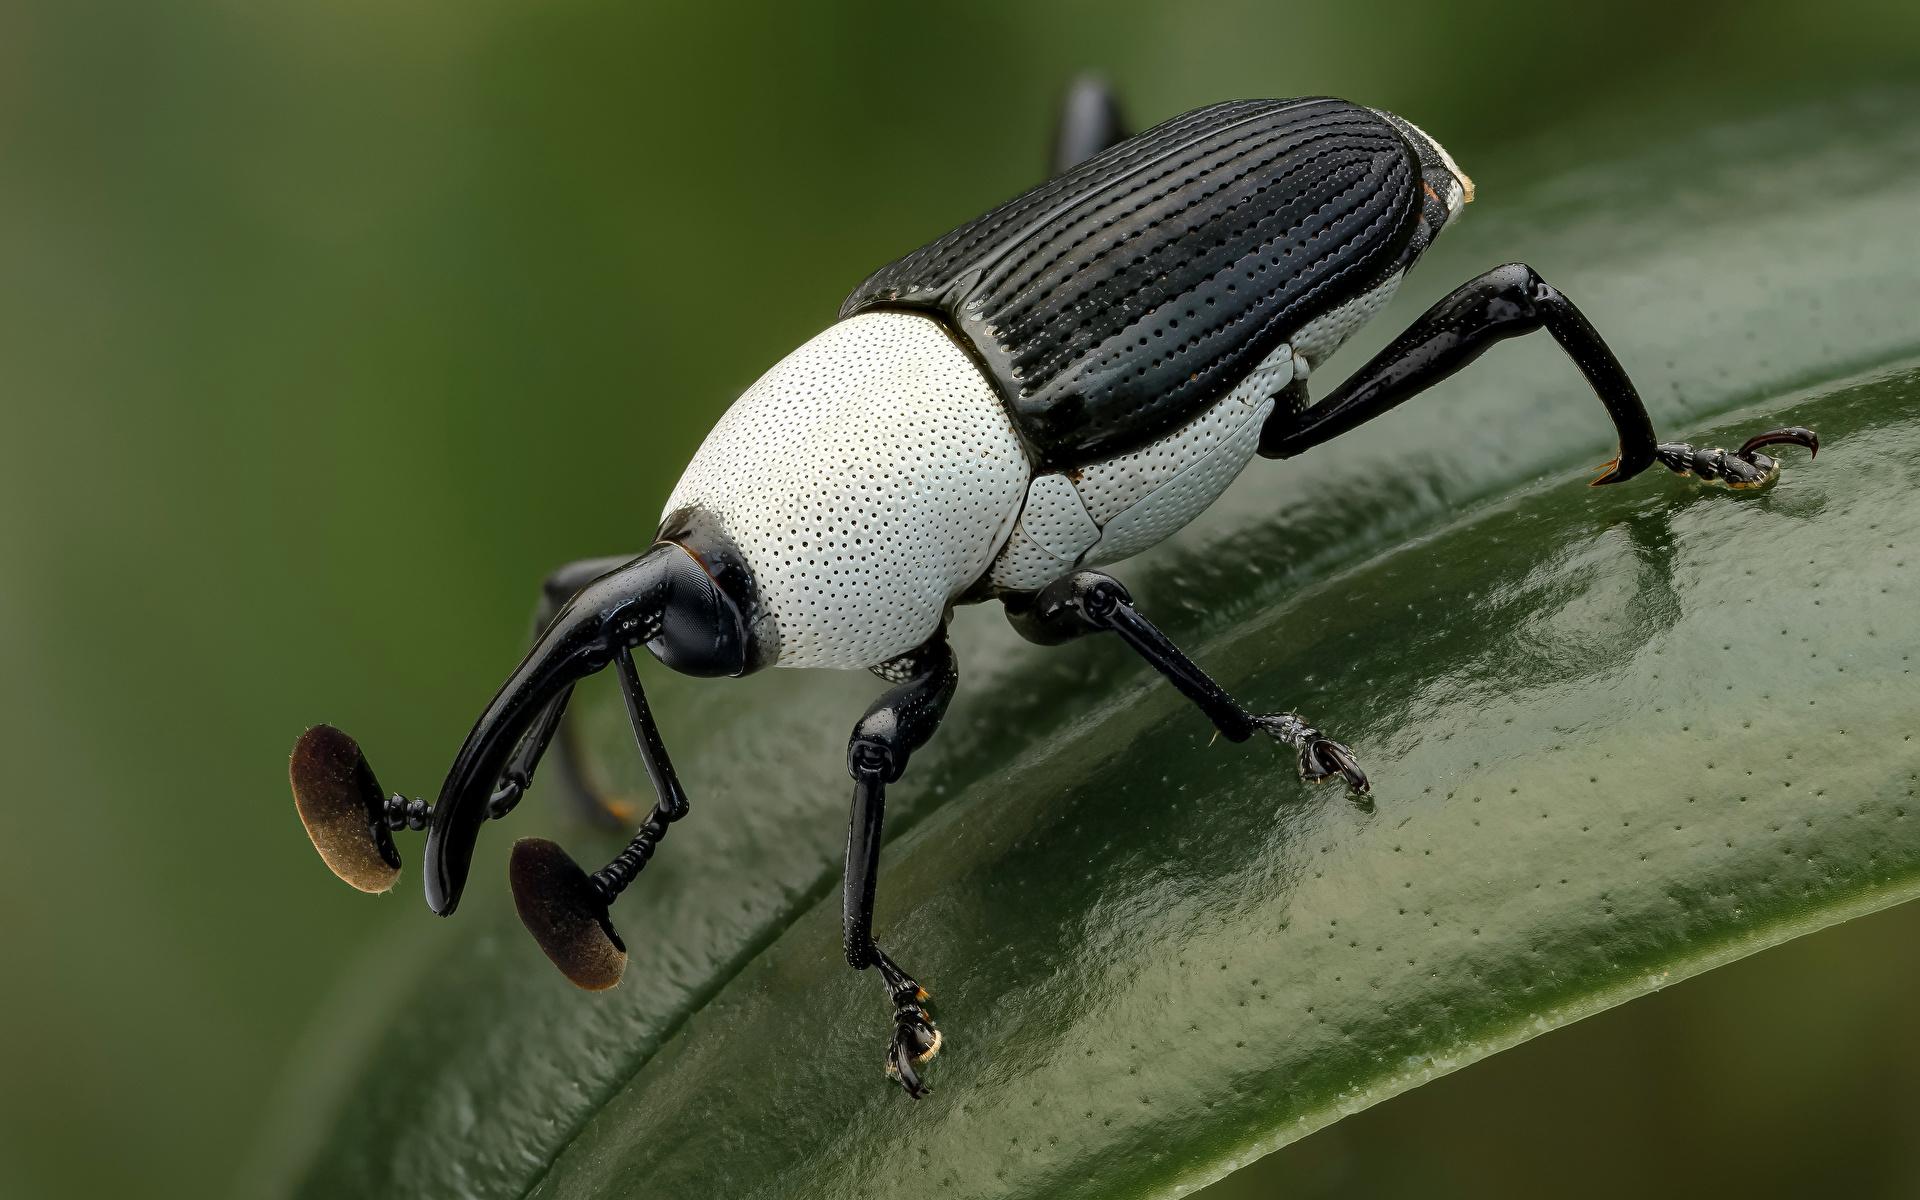 Картинки Жуки насекомое weevil животное Крупным планом 1920x1200 Насекомые вблизи Животные